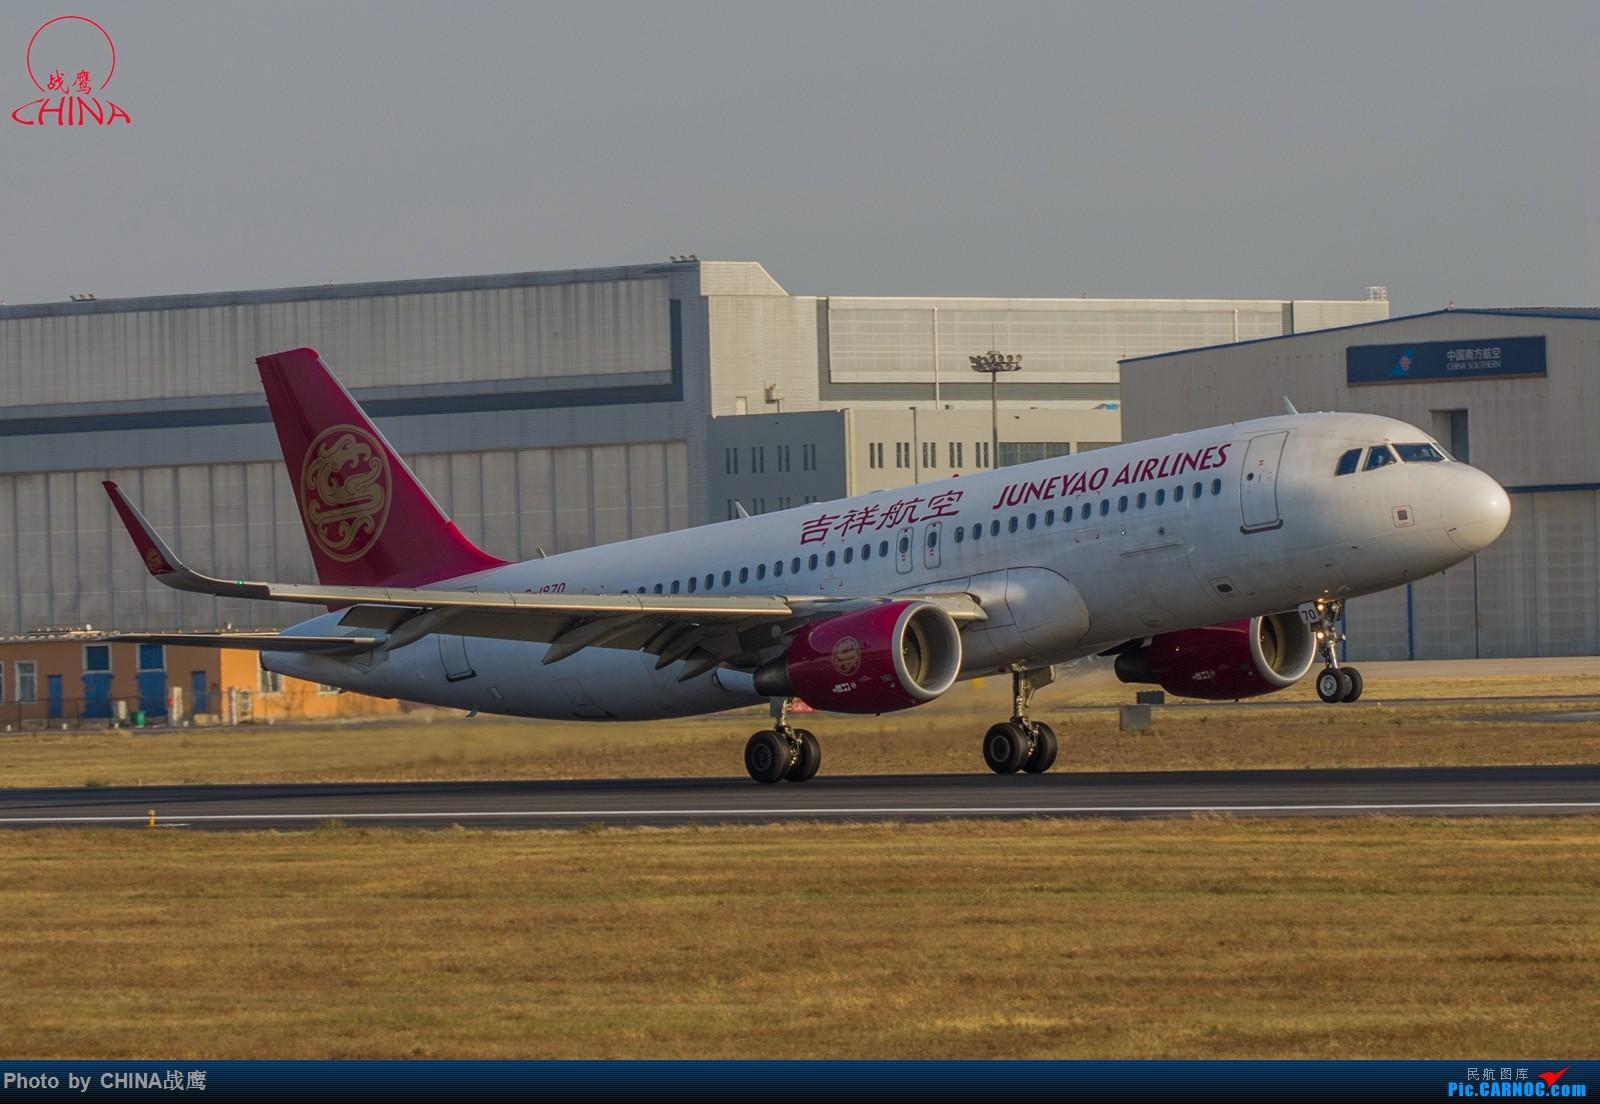 Re:[原创]【SHE】第三季度桃仙拍飞机集锦 AIRBUS A320-200 B-1870 中国沈阳桃仙国际机场